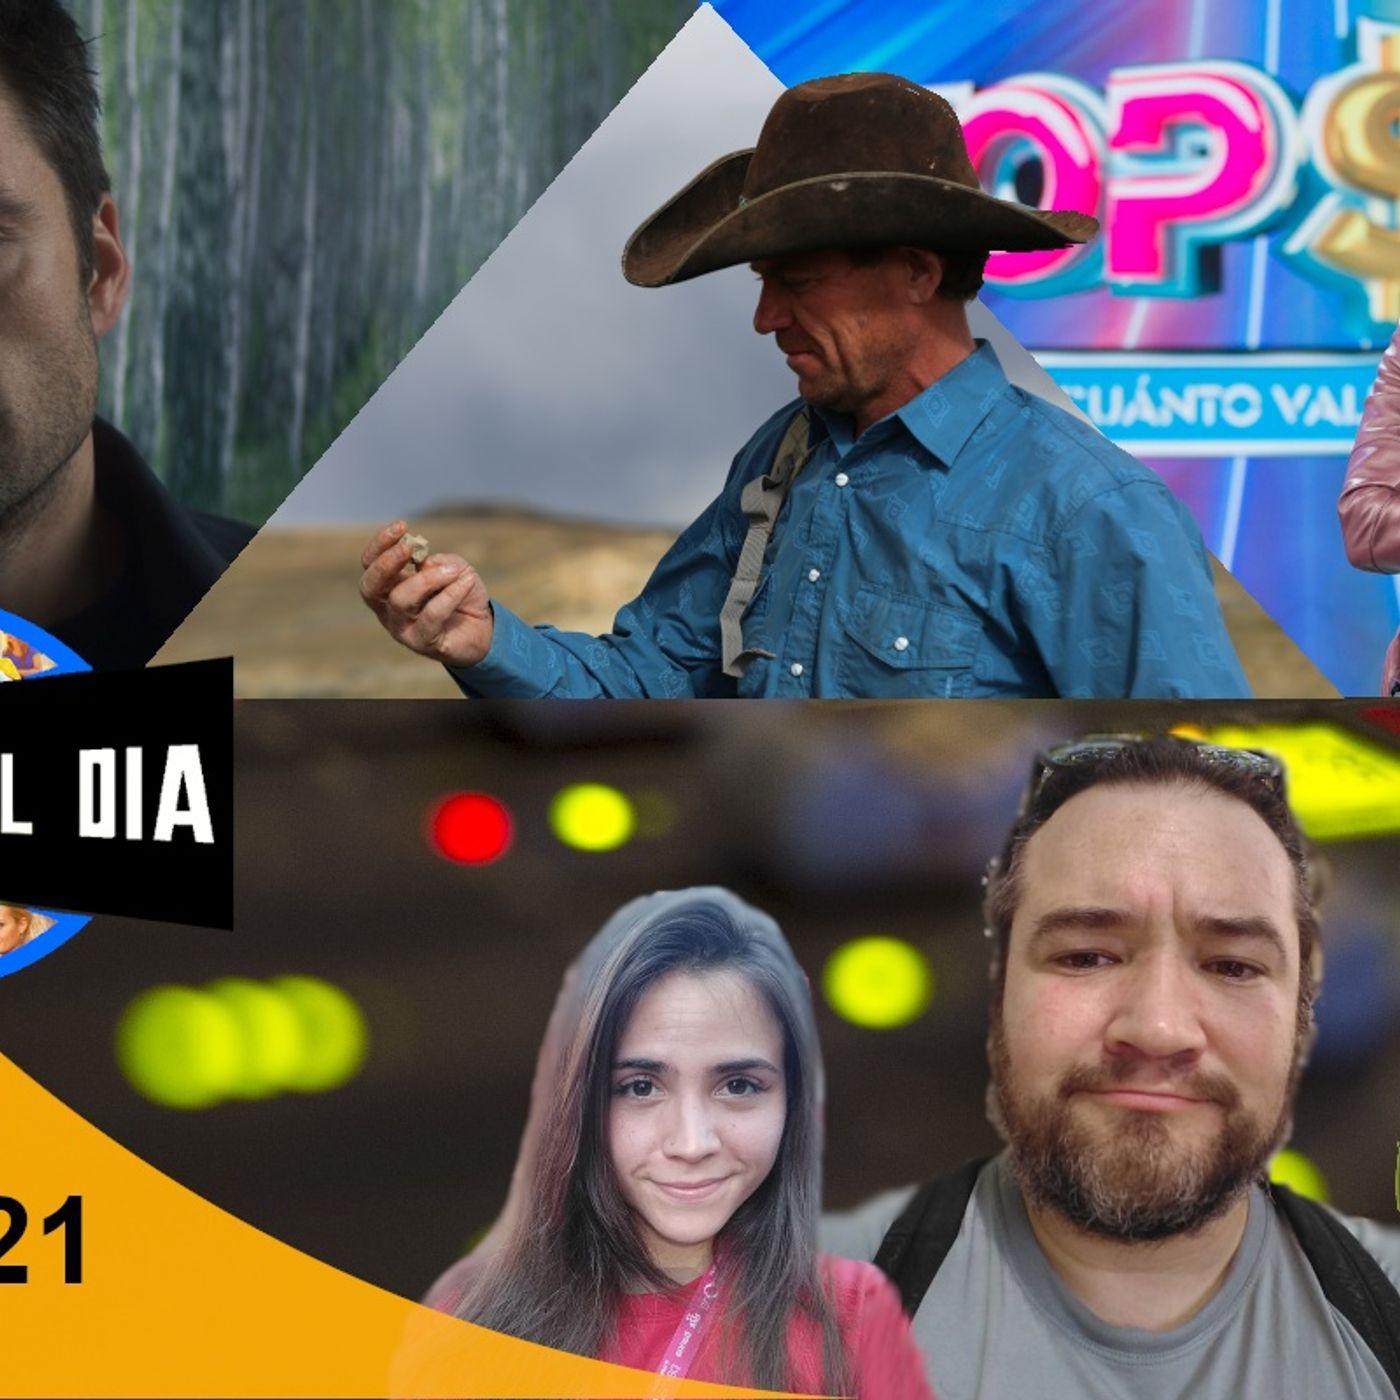 Reunidos | Got Top | Ponte al día 440 (30/04/21)